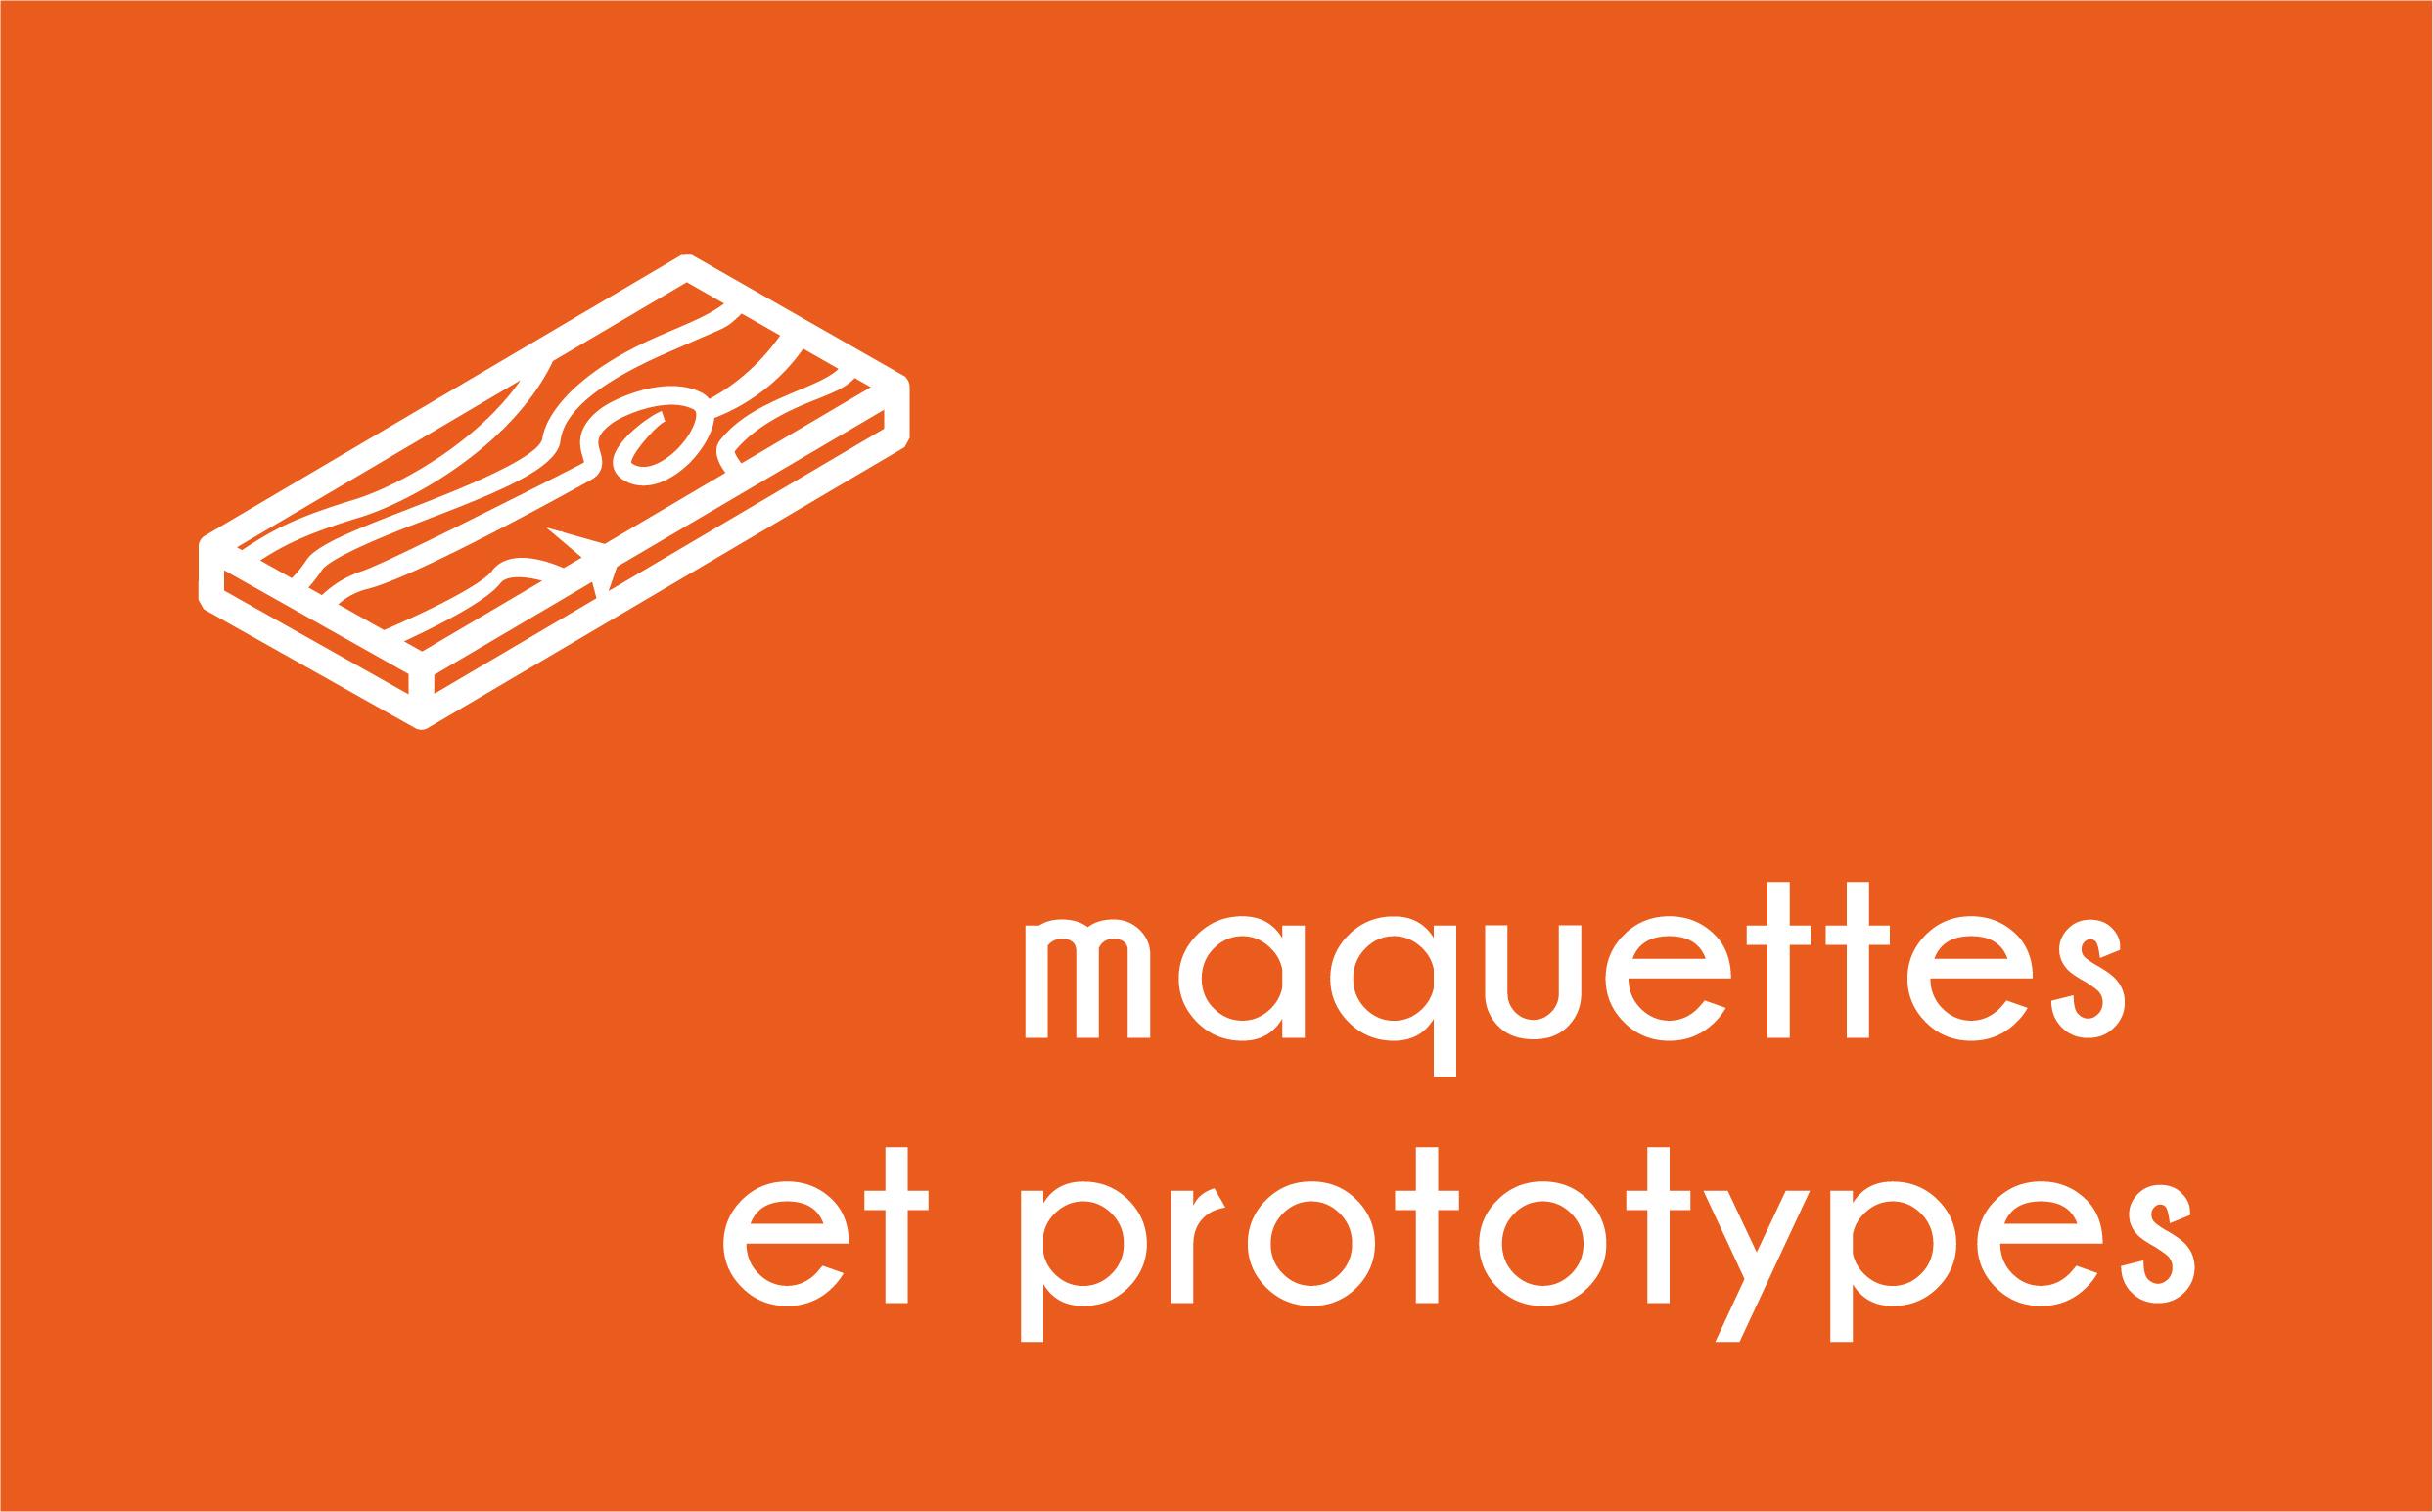 Maquette et prototype